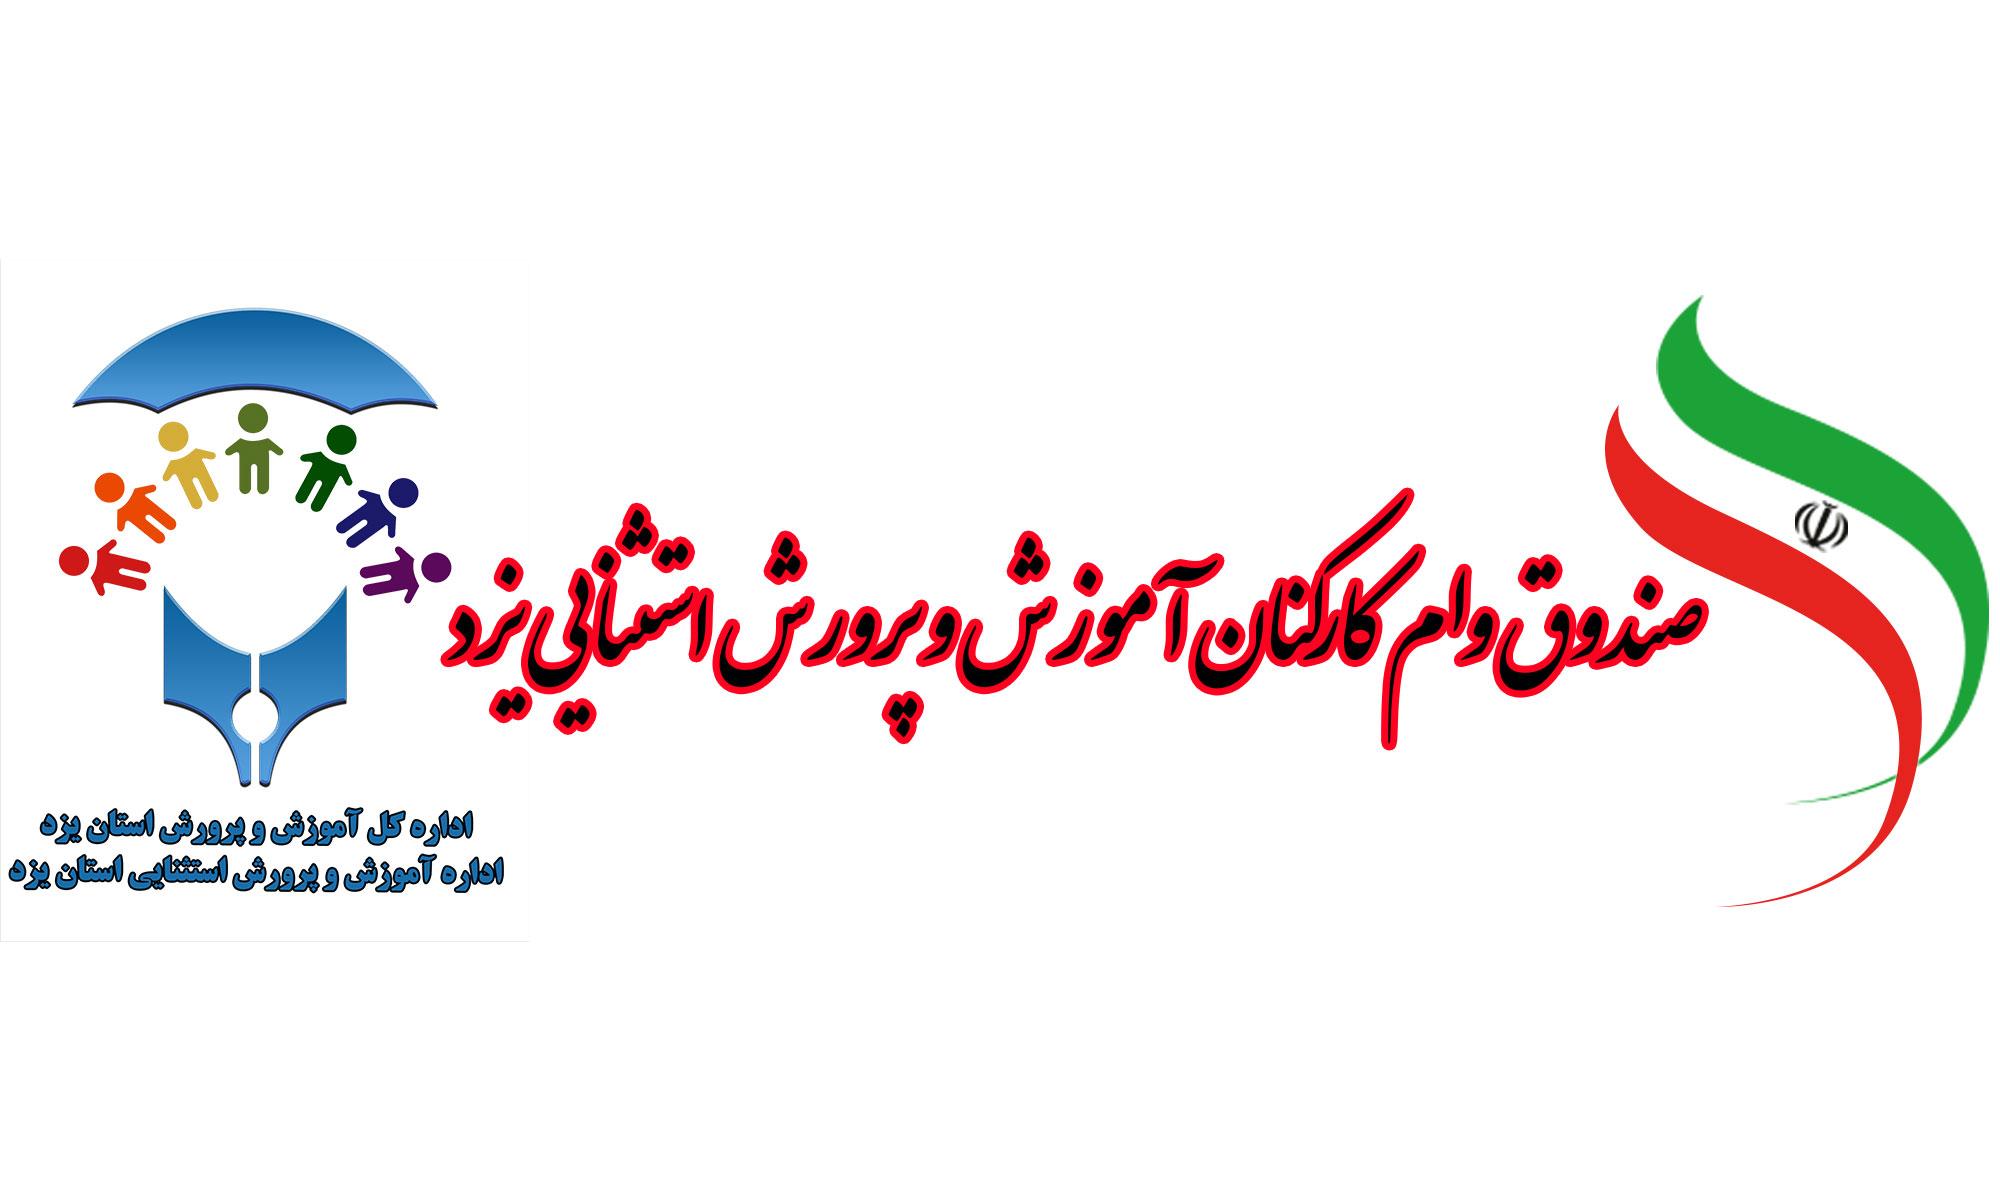 صندوق وام کارکنان آموزش و پرورش استثنایی یزد